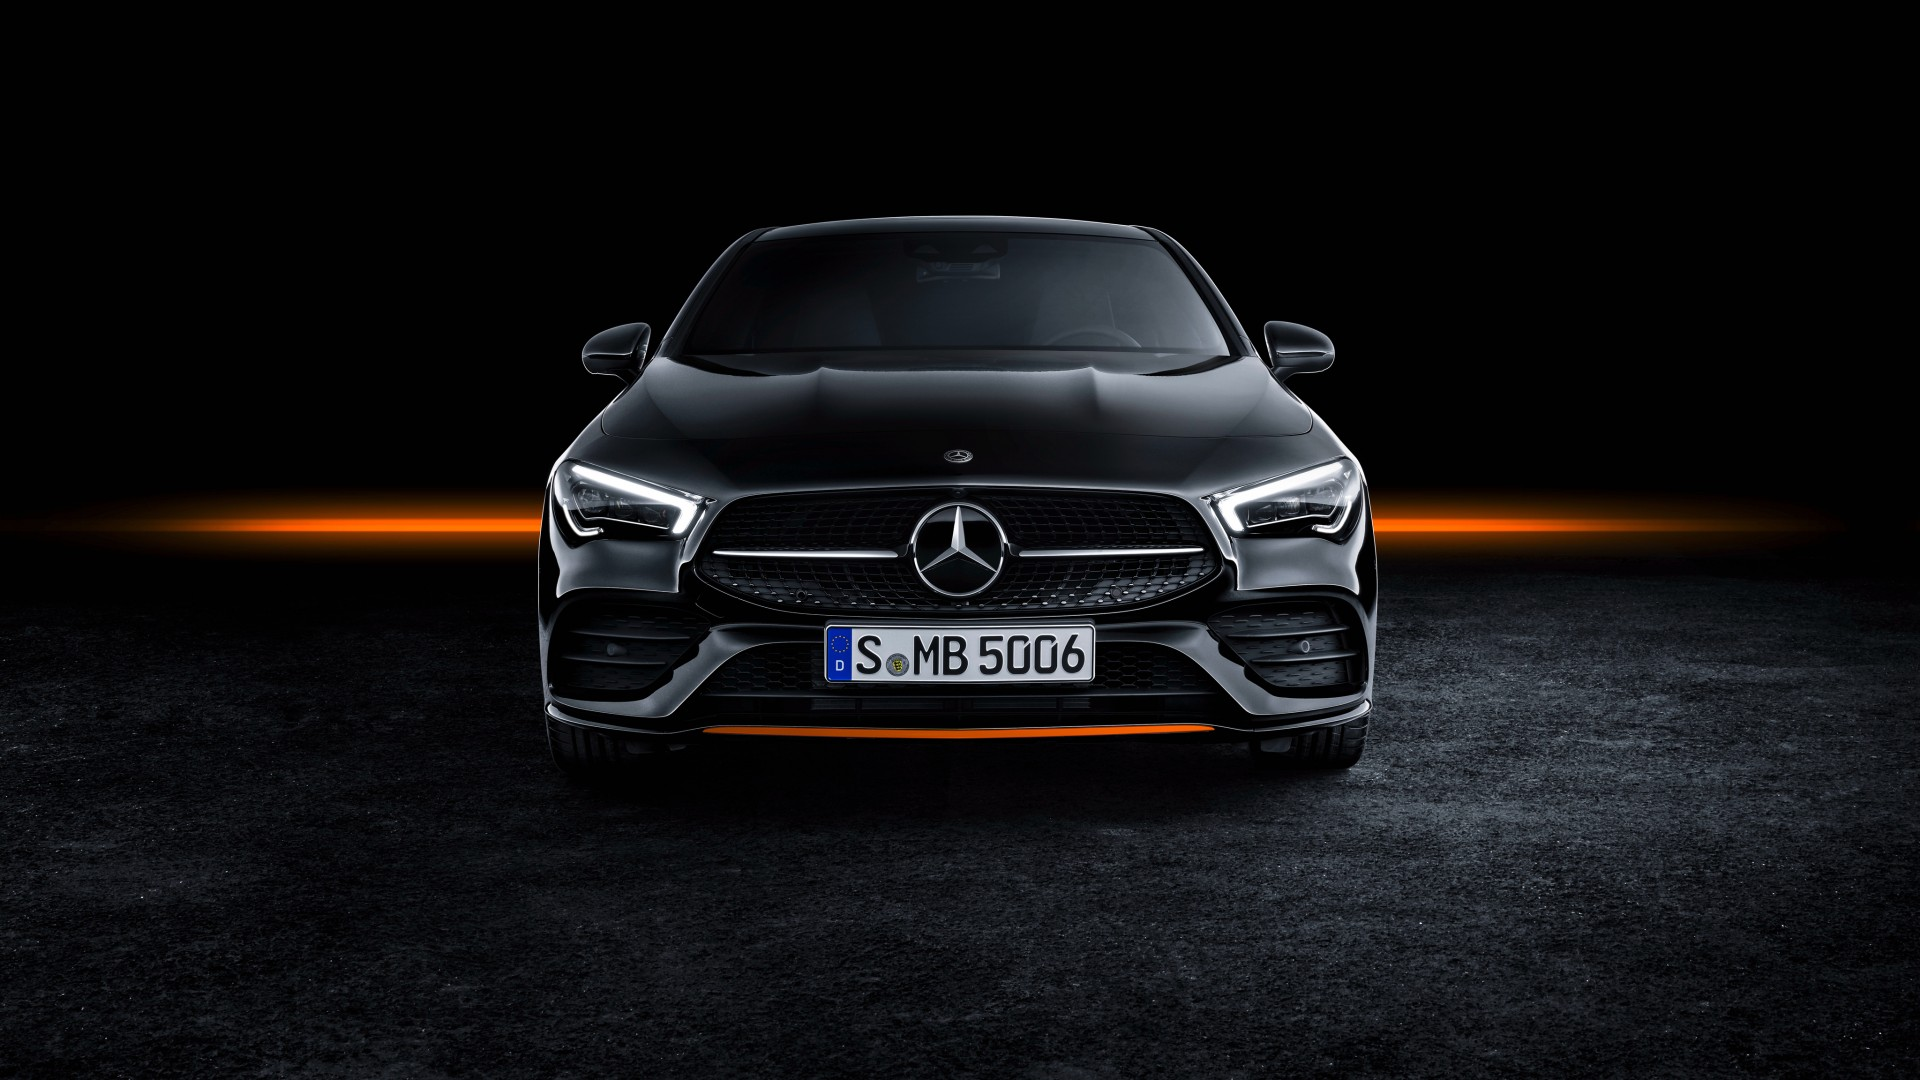 Mercedes Benz Cla 250 Amg Line Edition Orange Art 2019 4k